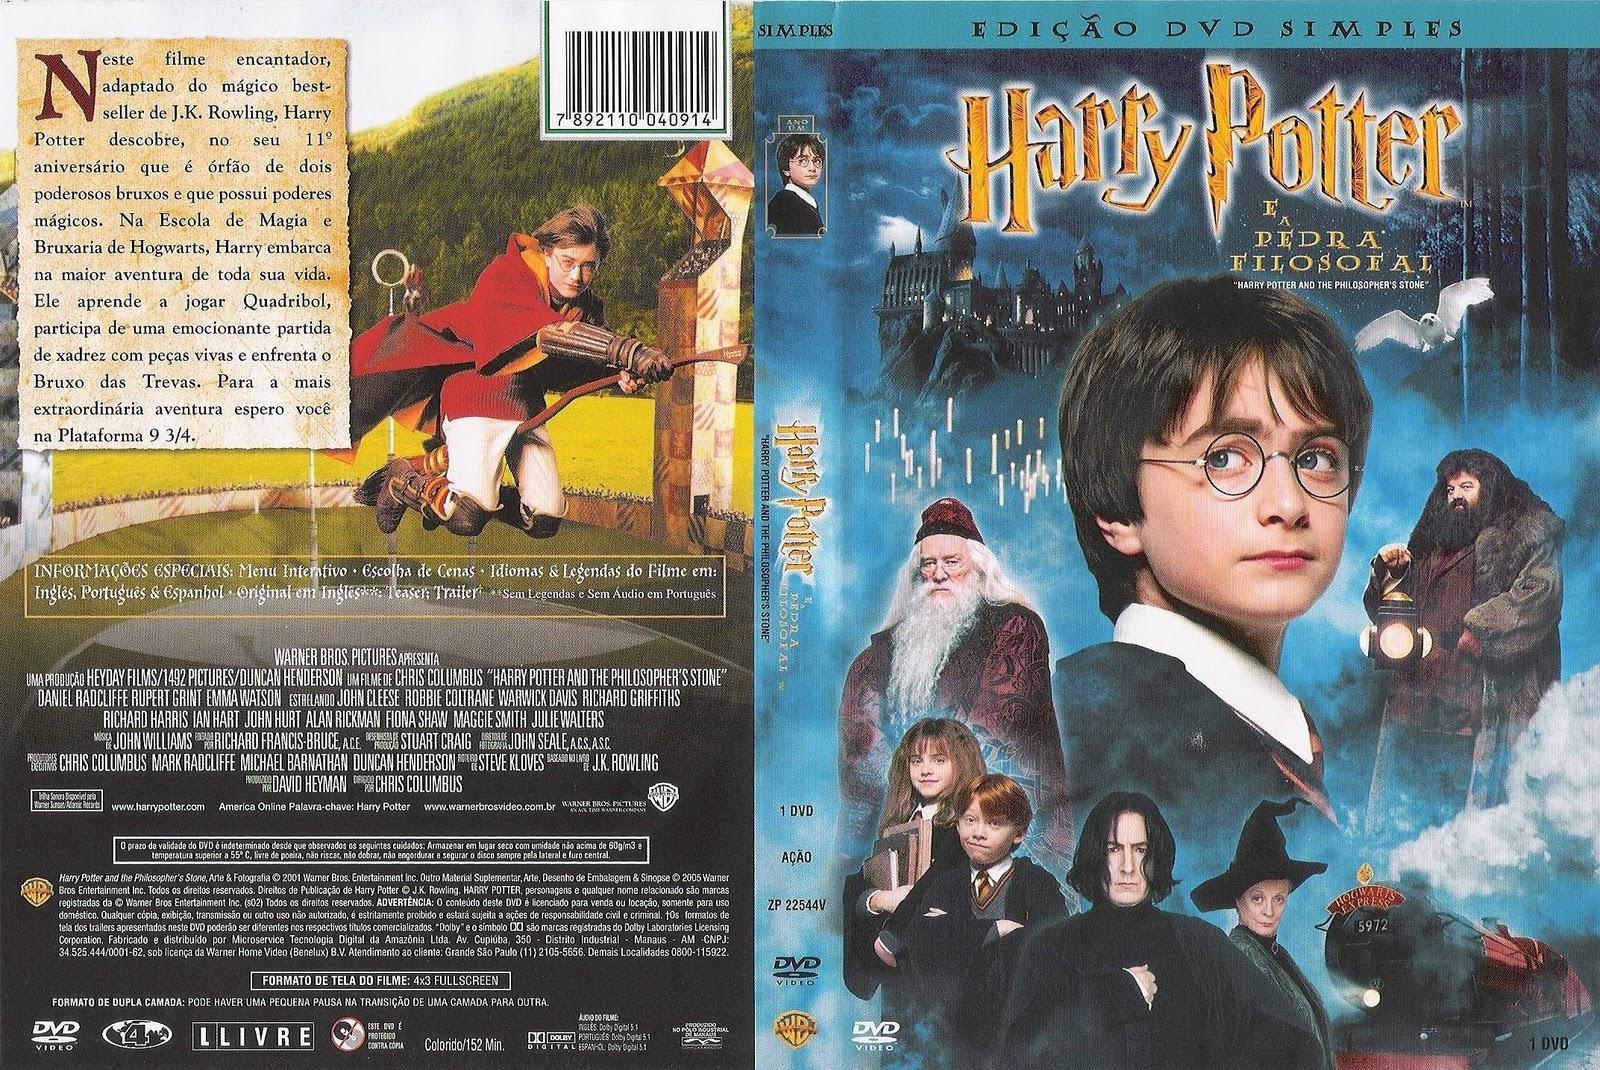 """Harry Potter É A Pedra Filosofal with histórico de lançamento - """"harry potter e o cálice de fogo"""" - 2006"""